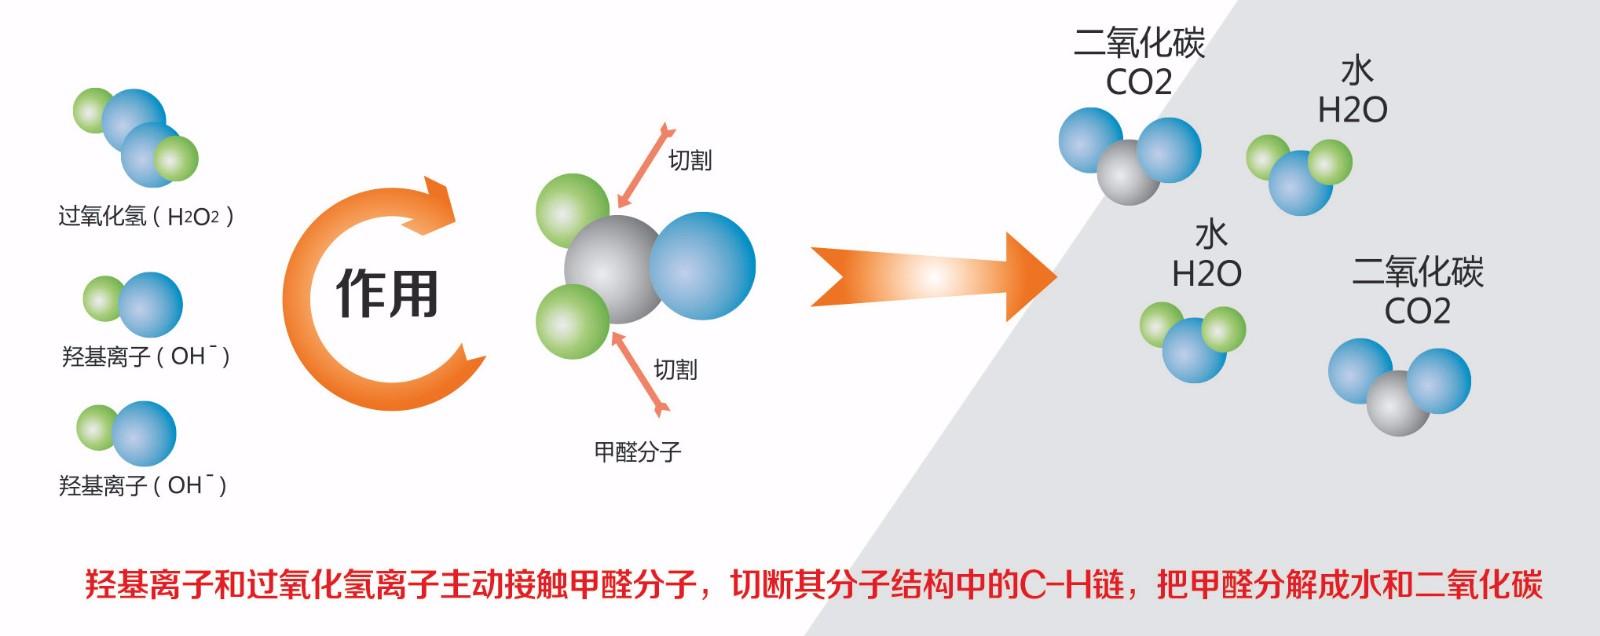 HEC技术:高能离子团技术|HEC技术:高能离子团技术-山西三洋制冷服务有限公司